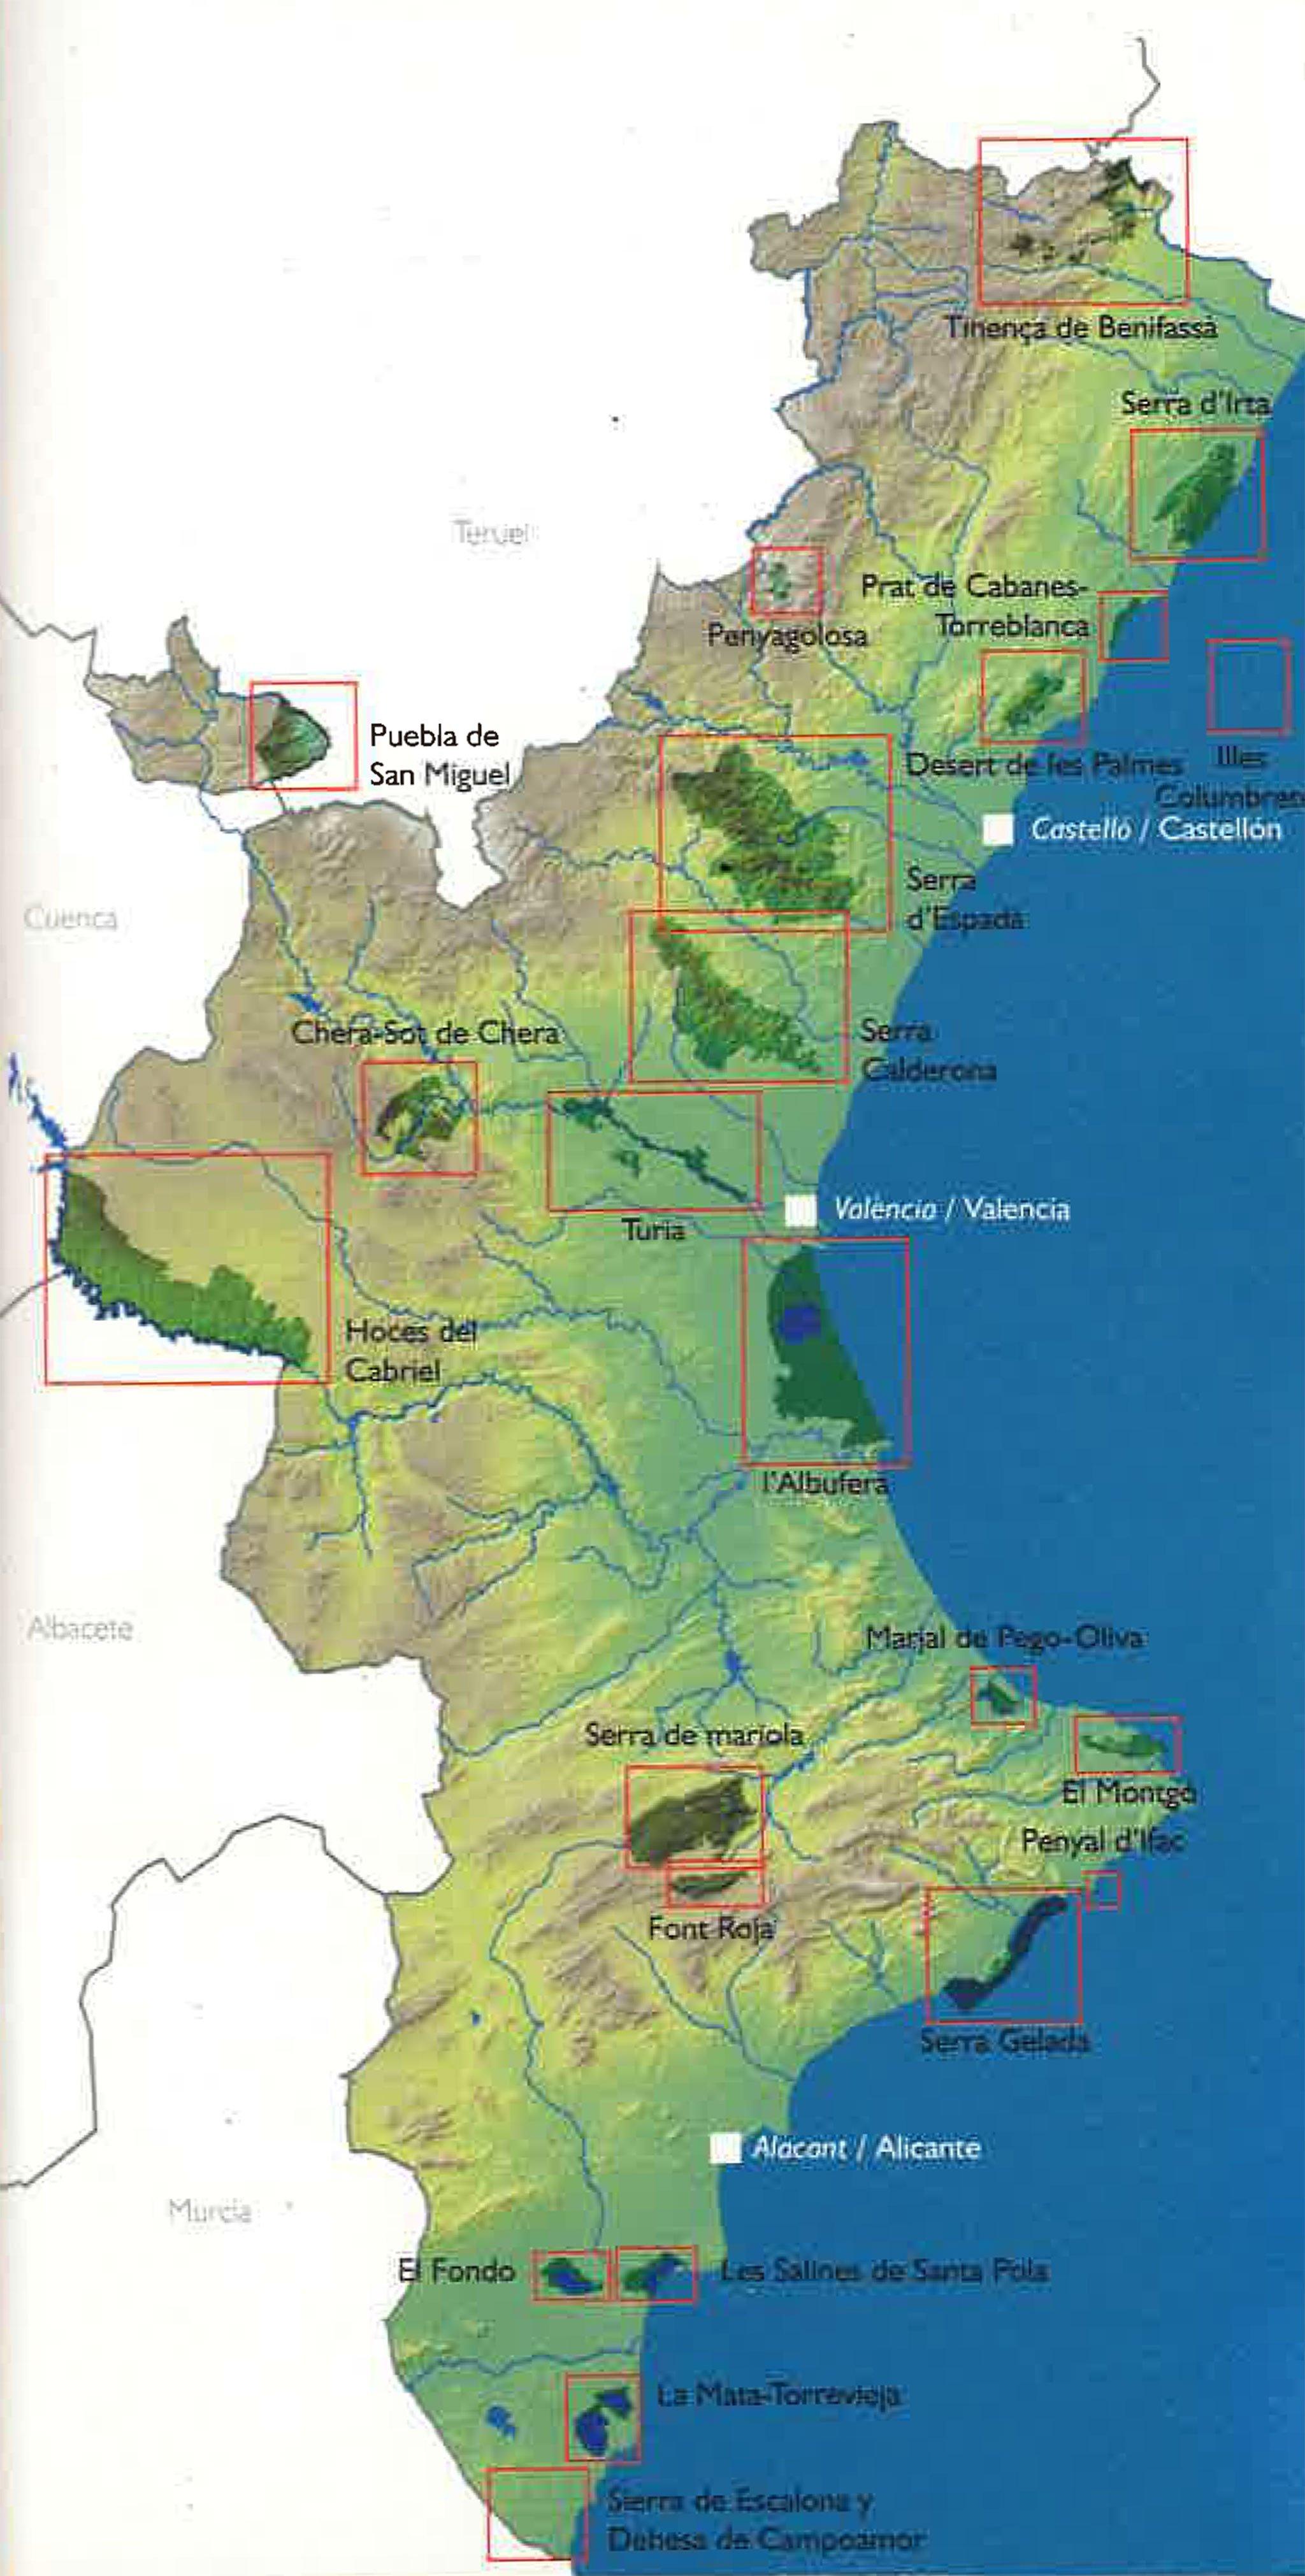 Mapa de situación de todos los parques naturales de la Comunitat Valenciana, entre ellos, el Montgó